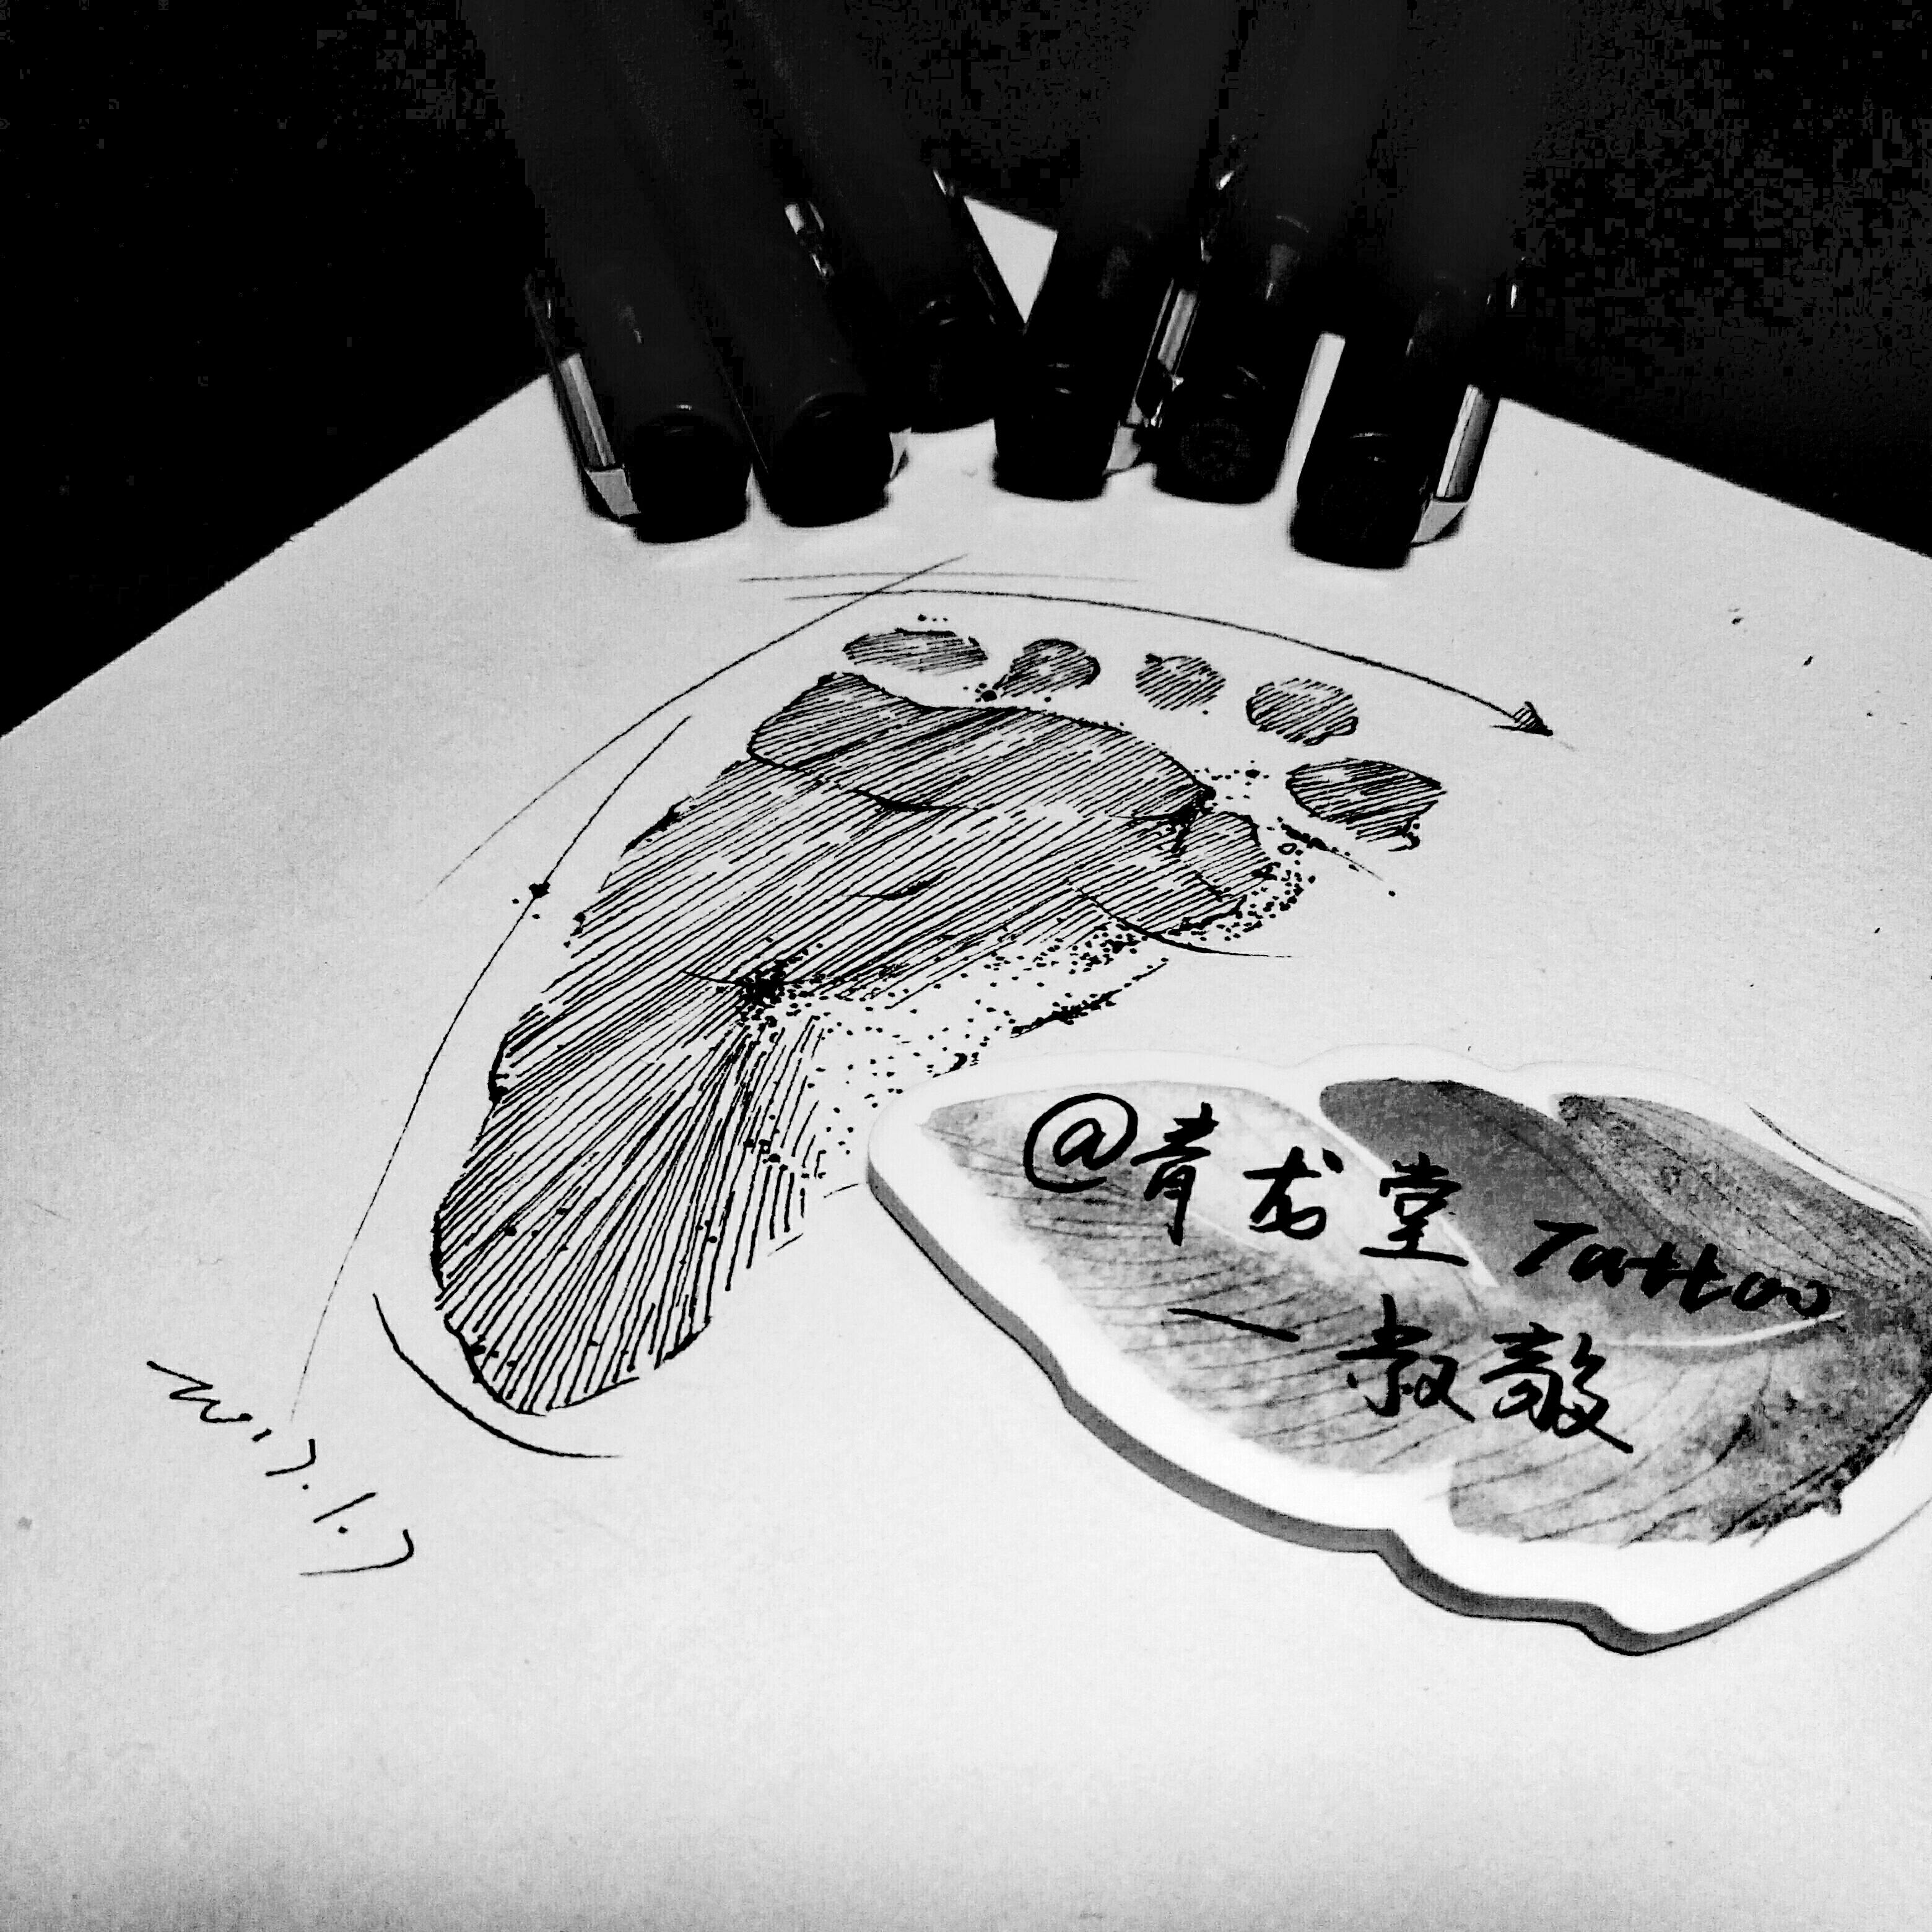 黑白手绘 小清新类纹身手稿